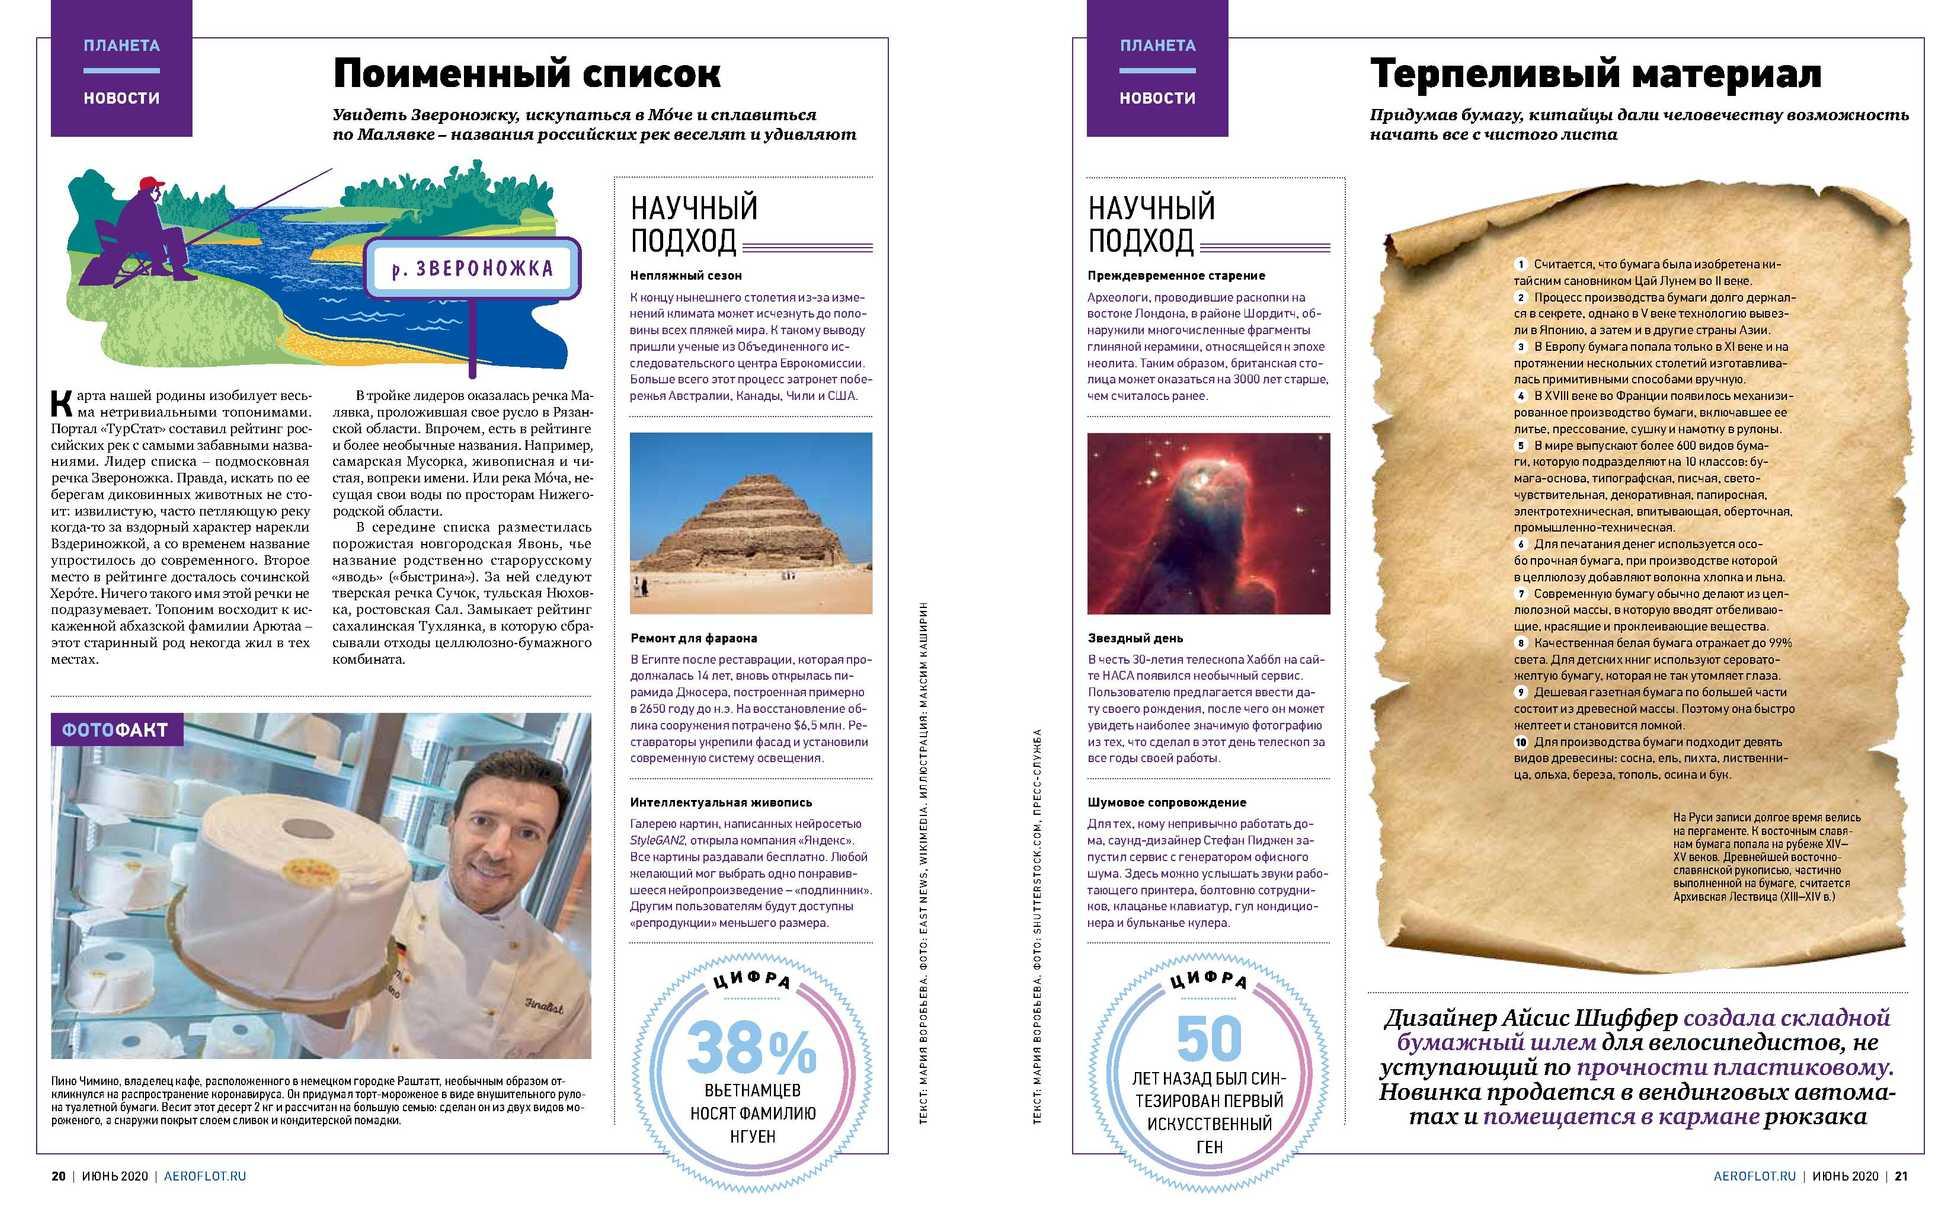 Аэрофлот - каталог действителен с 01.06.2020 по 30.06.2020 - страница 4.